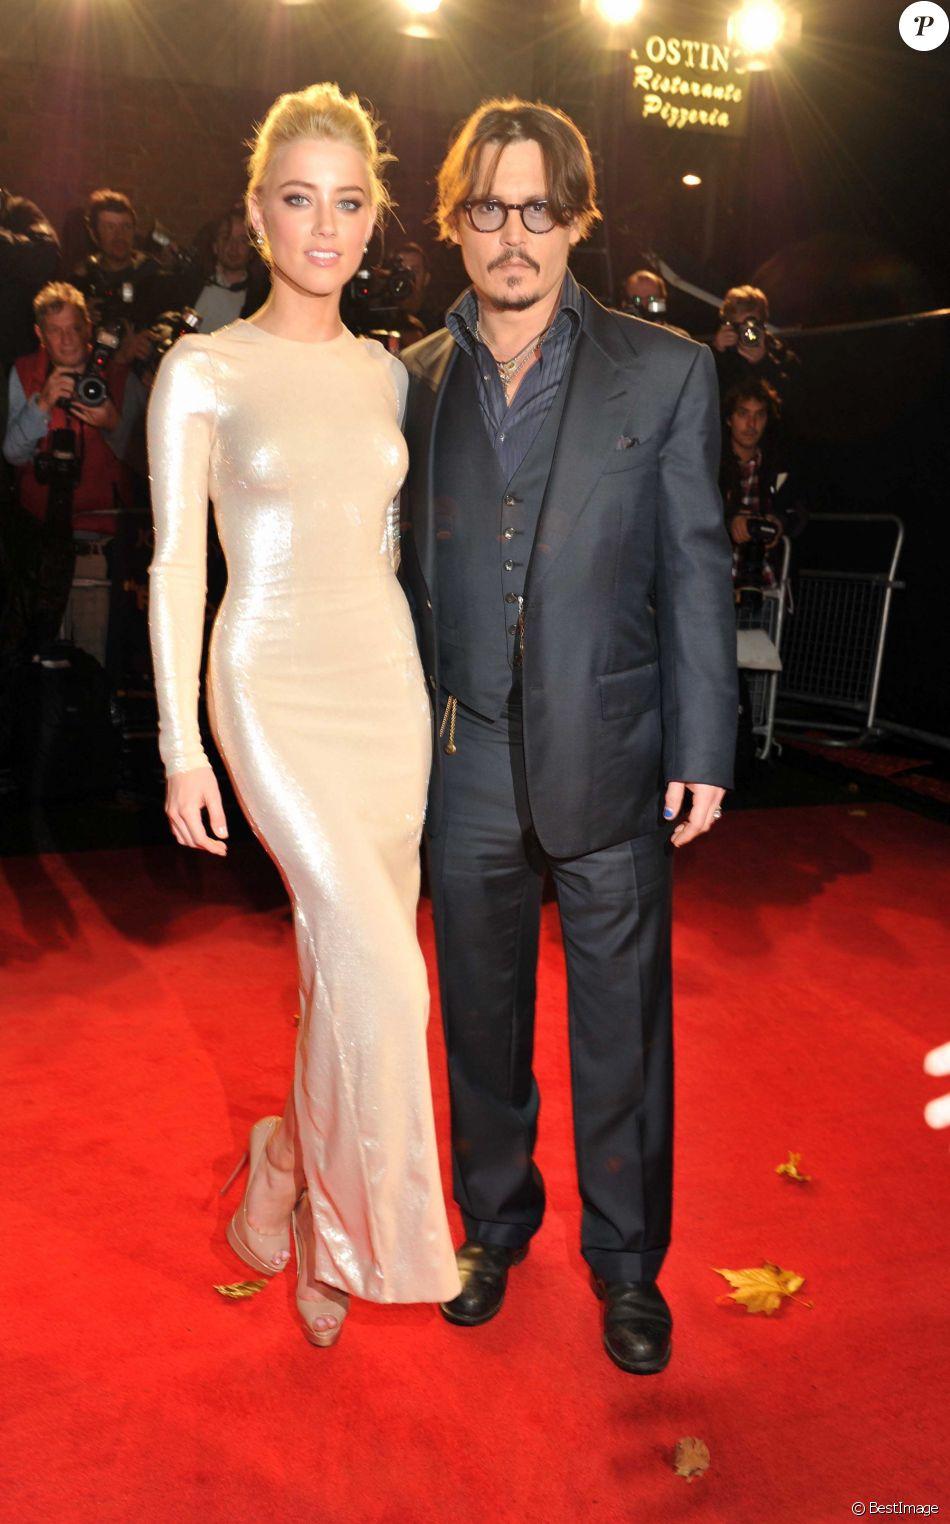 Amber Heard et Johnny Depp à l'Odeon Kensington de Londres pour la première britaannique du film The Rum Diary, le 3 novembre 2011.